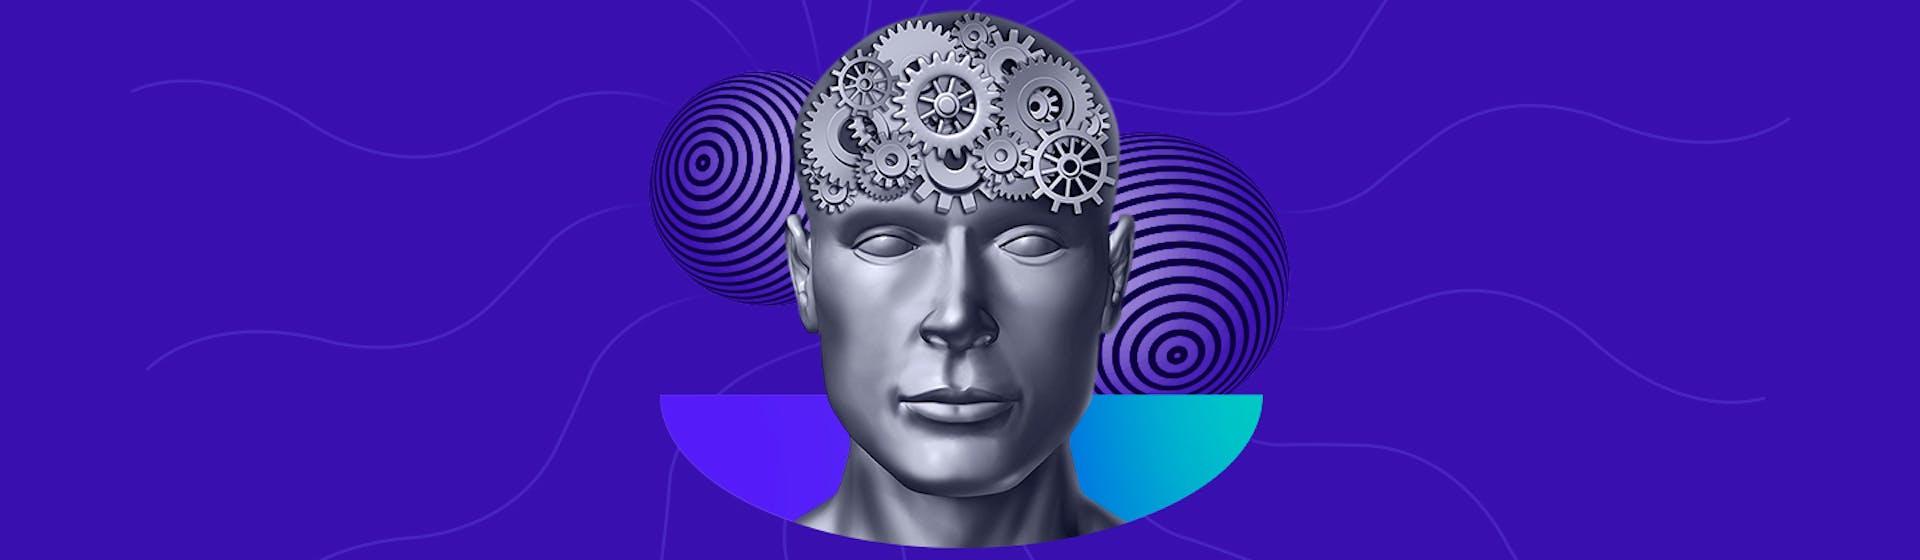 Control mental: el método de meditación profunda para dominar tus pensamientos